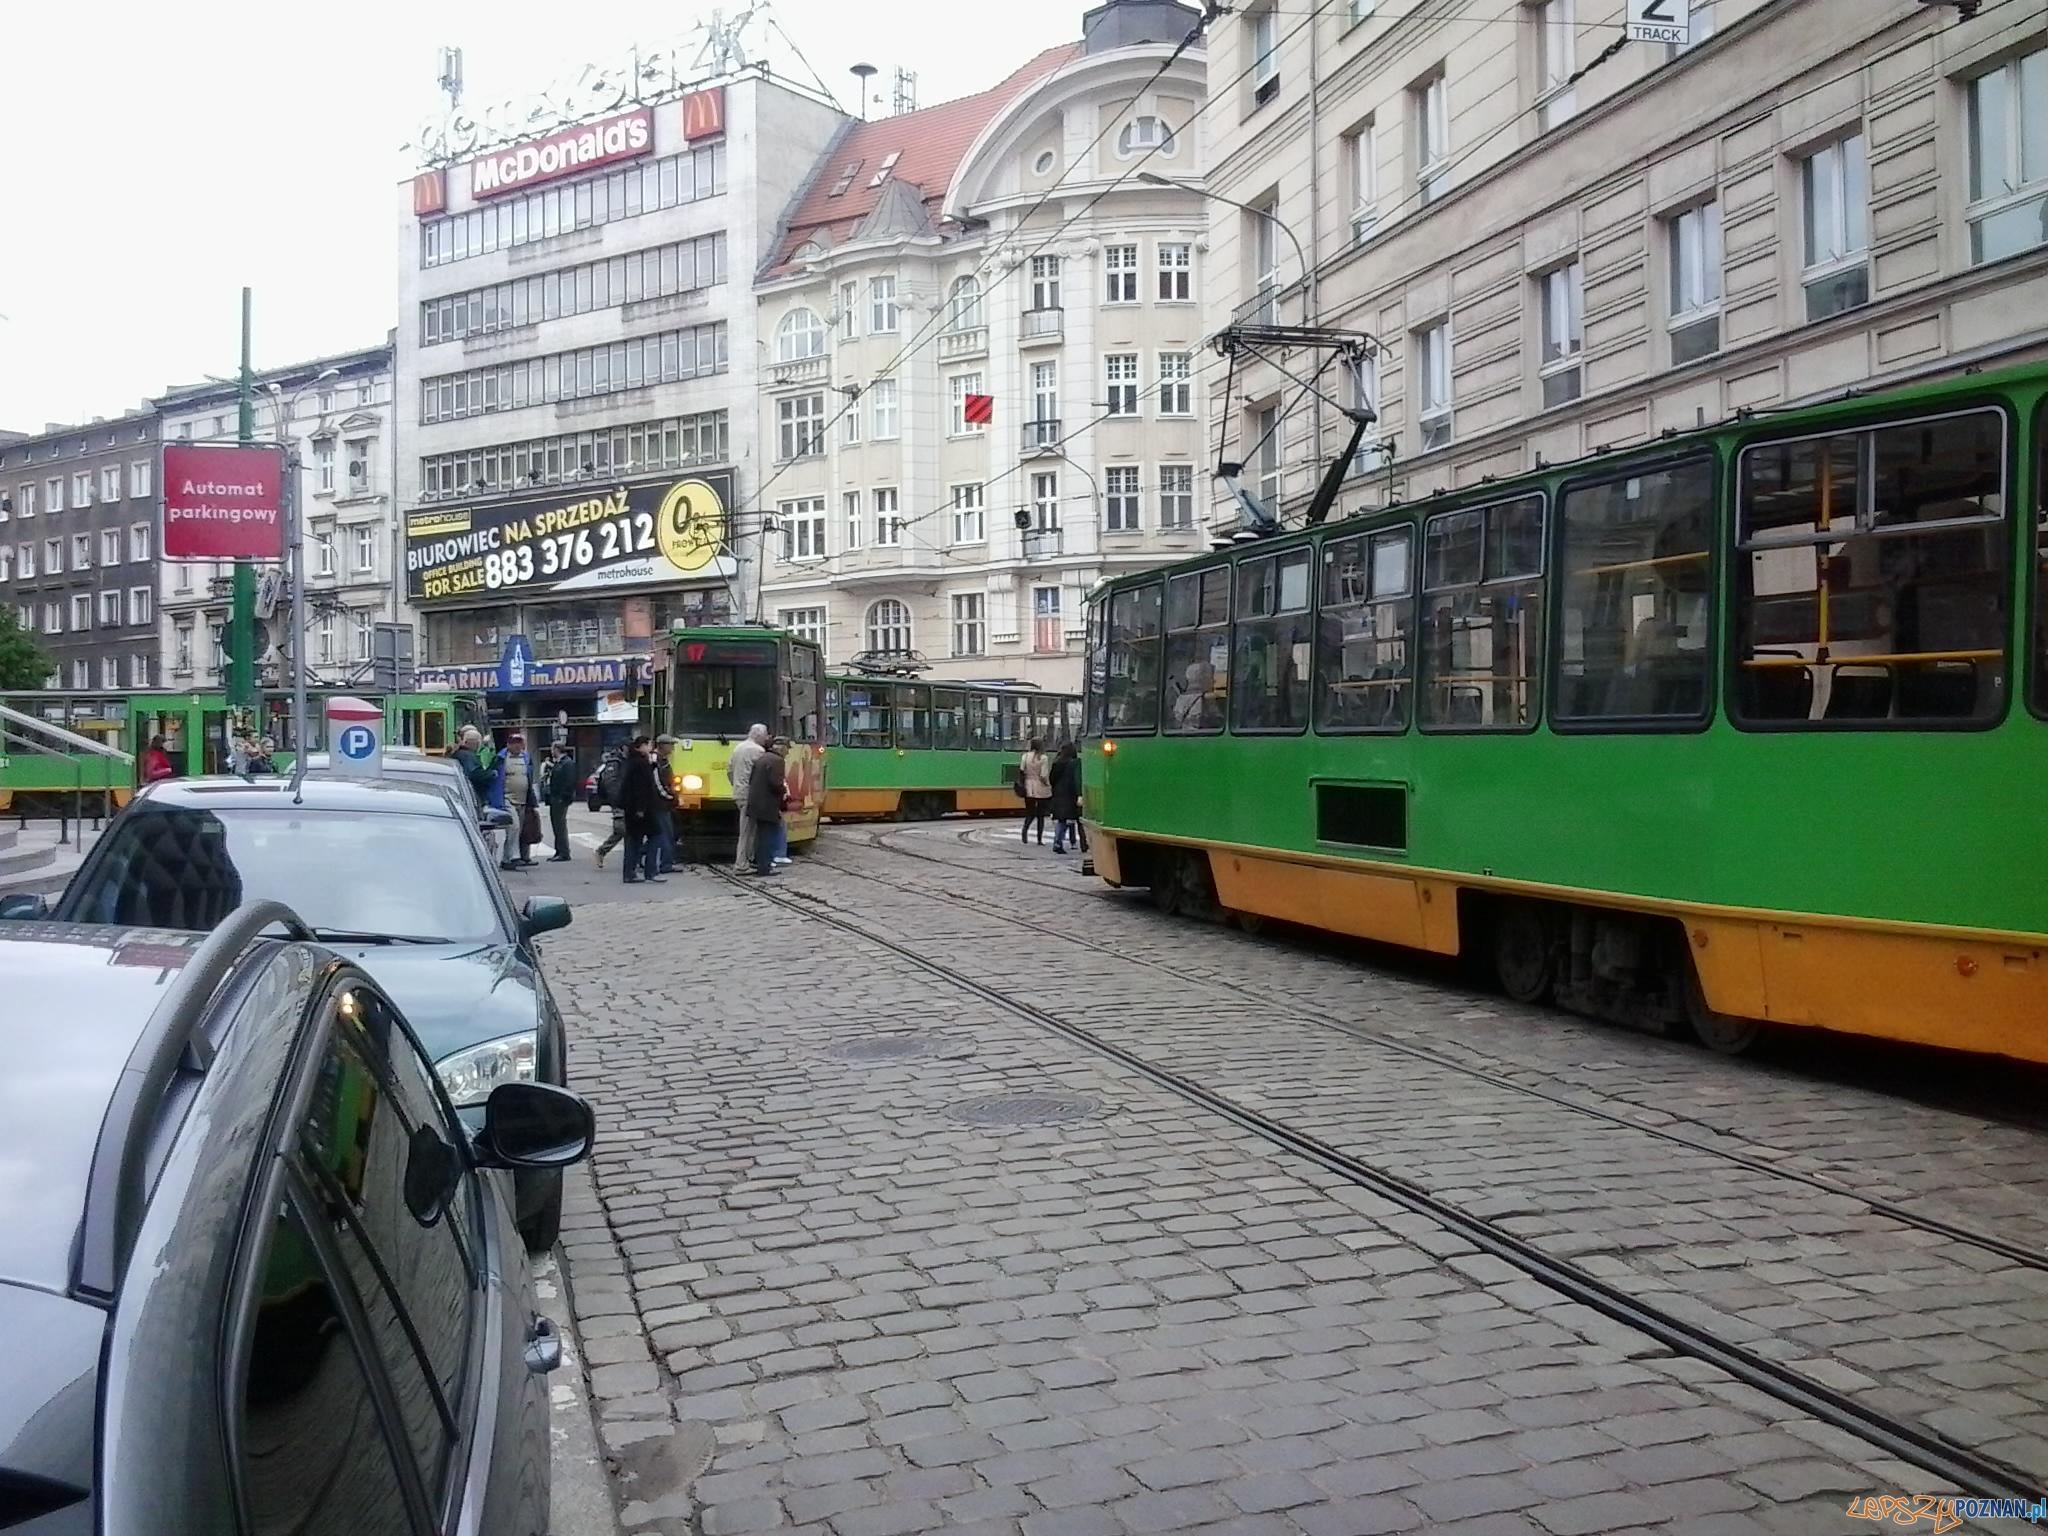 Uszkodzony tramwaj na Fredry / Mielżyńskiego  Foto: Jacek